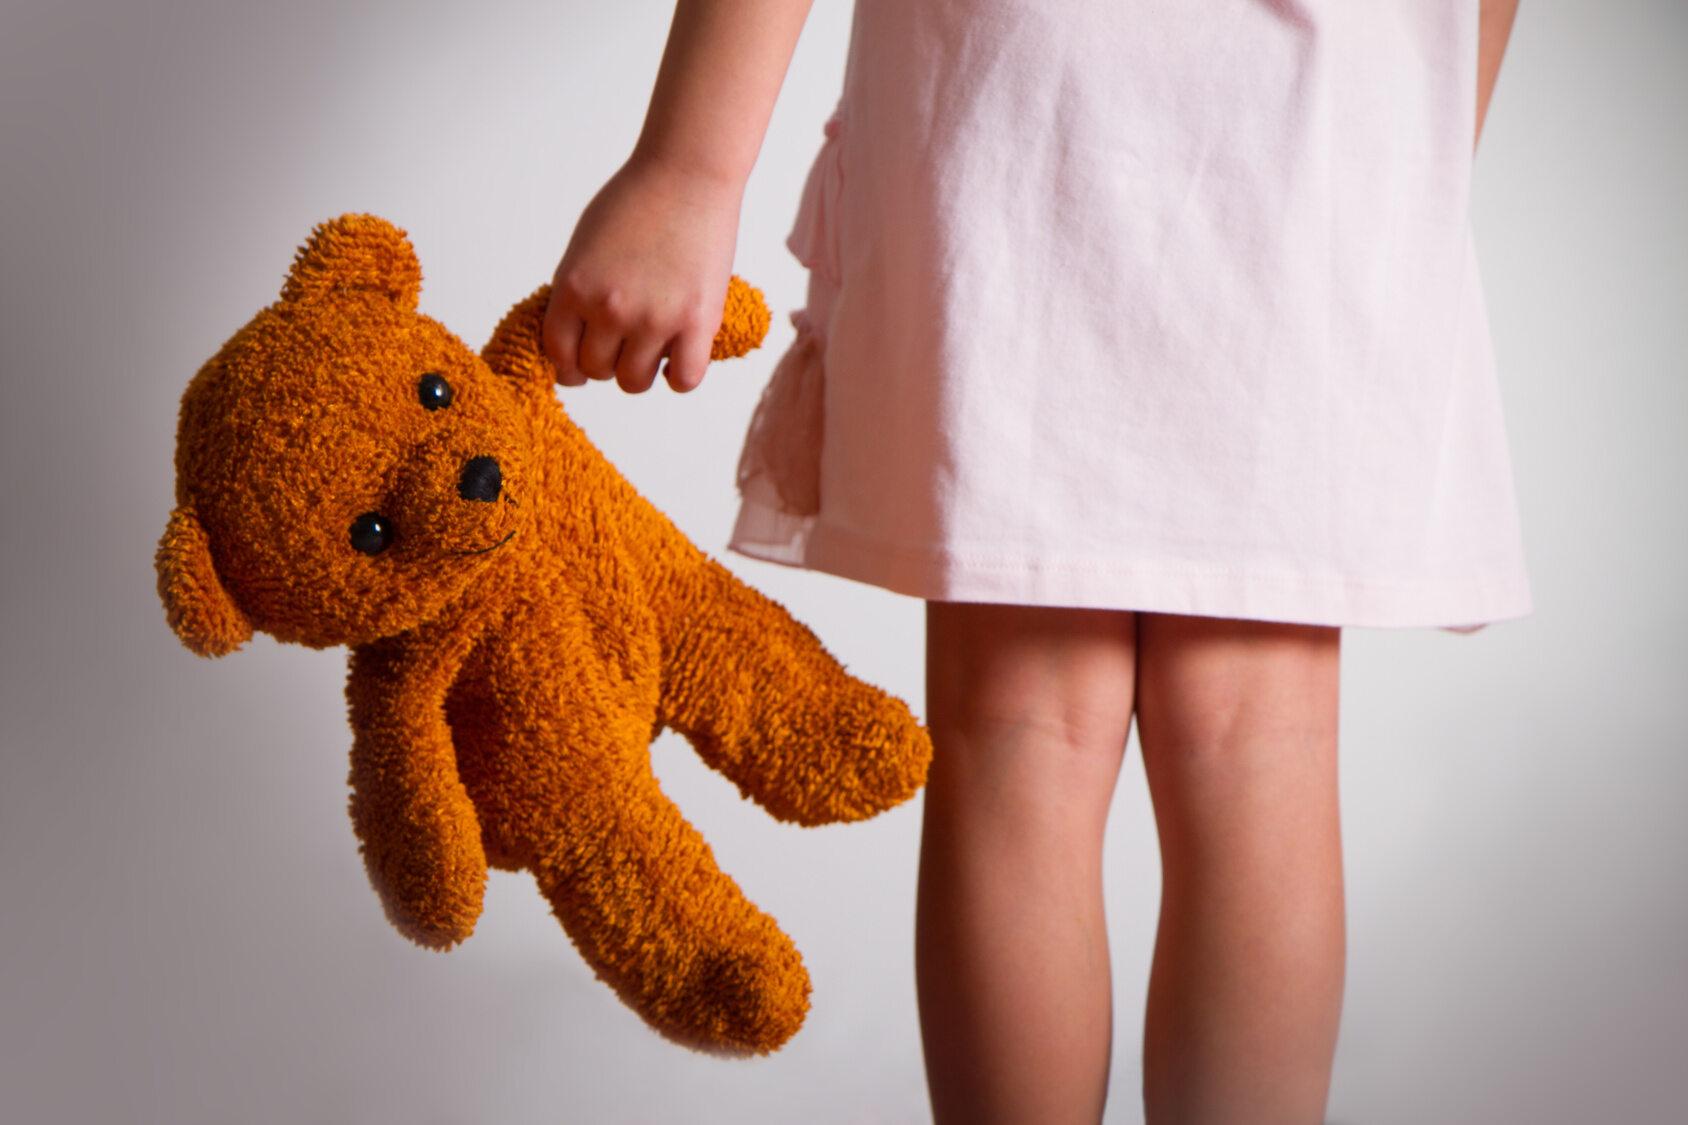 Dziecko, zdjęcie ilustracyjne